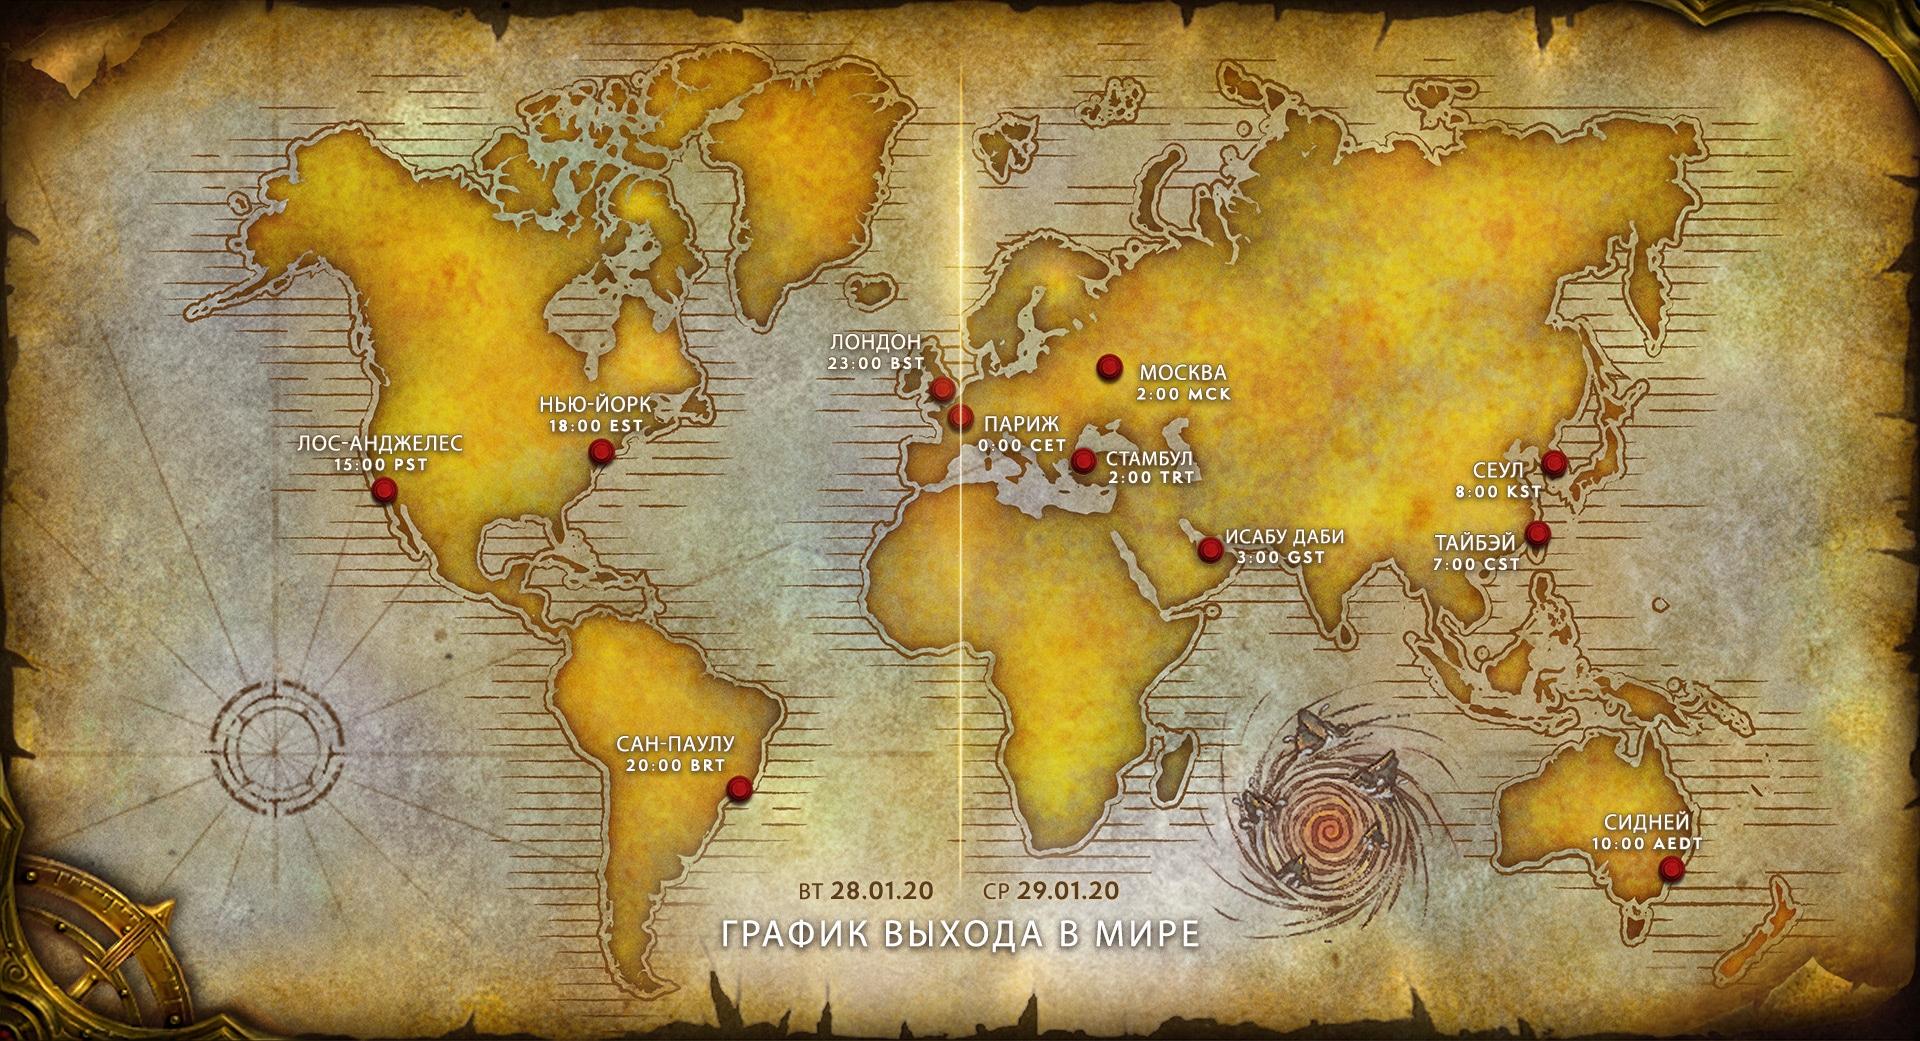 Готовимся встречать Warcraft III: Reforged